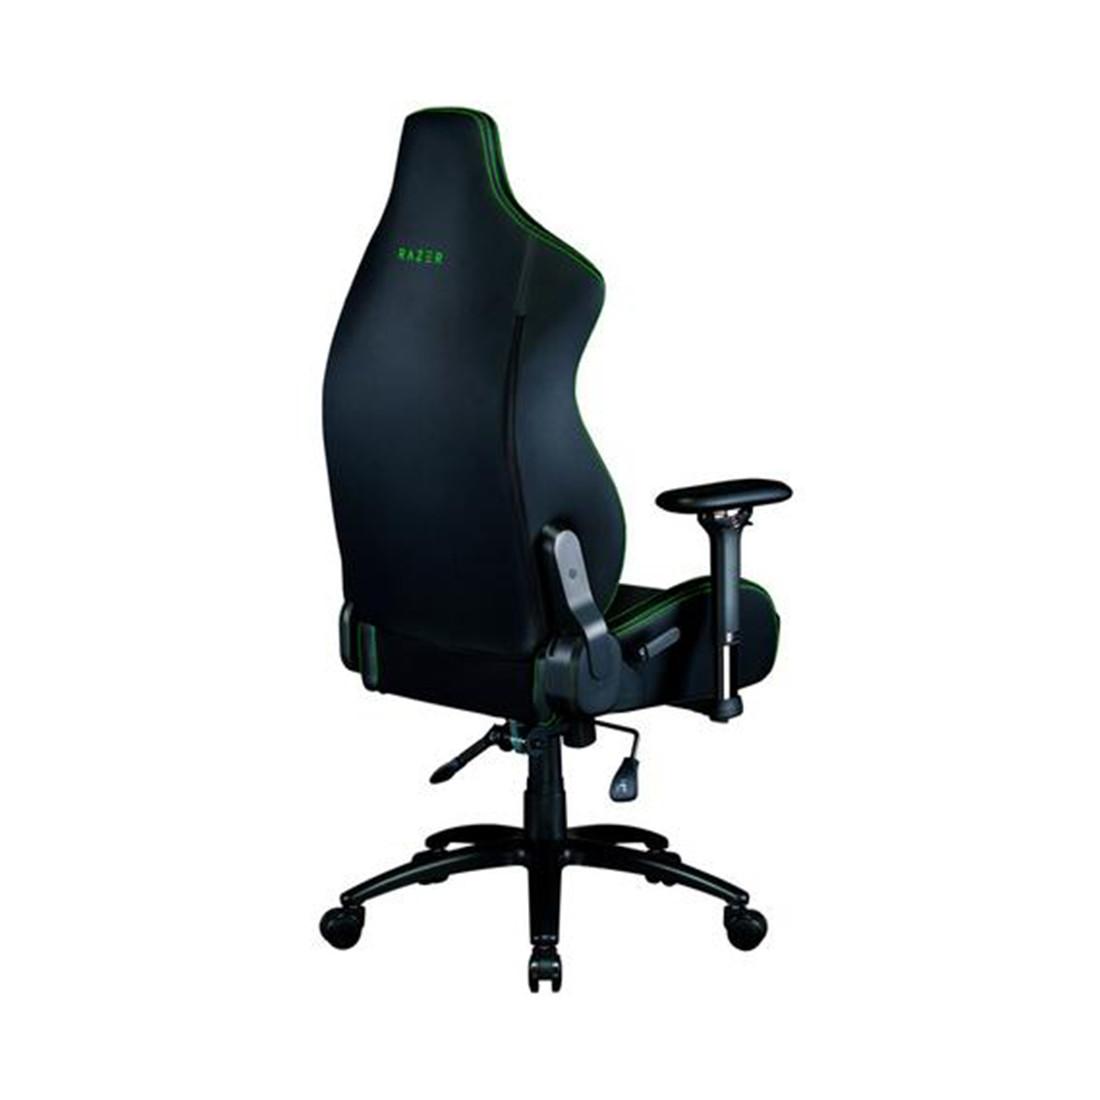 Игровое компьютерное кресло Razer Iskur